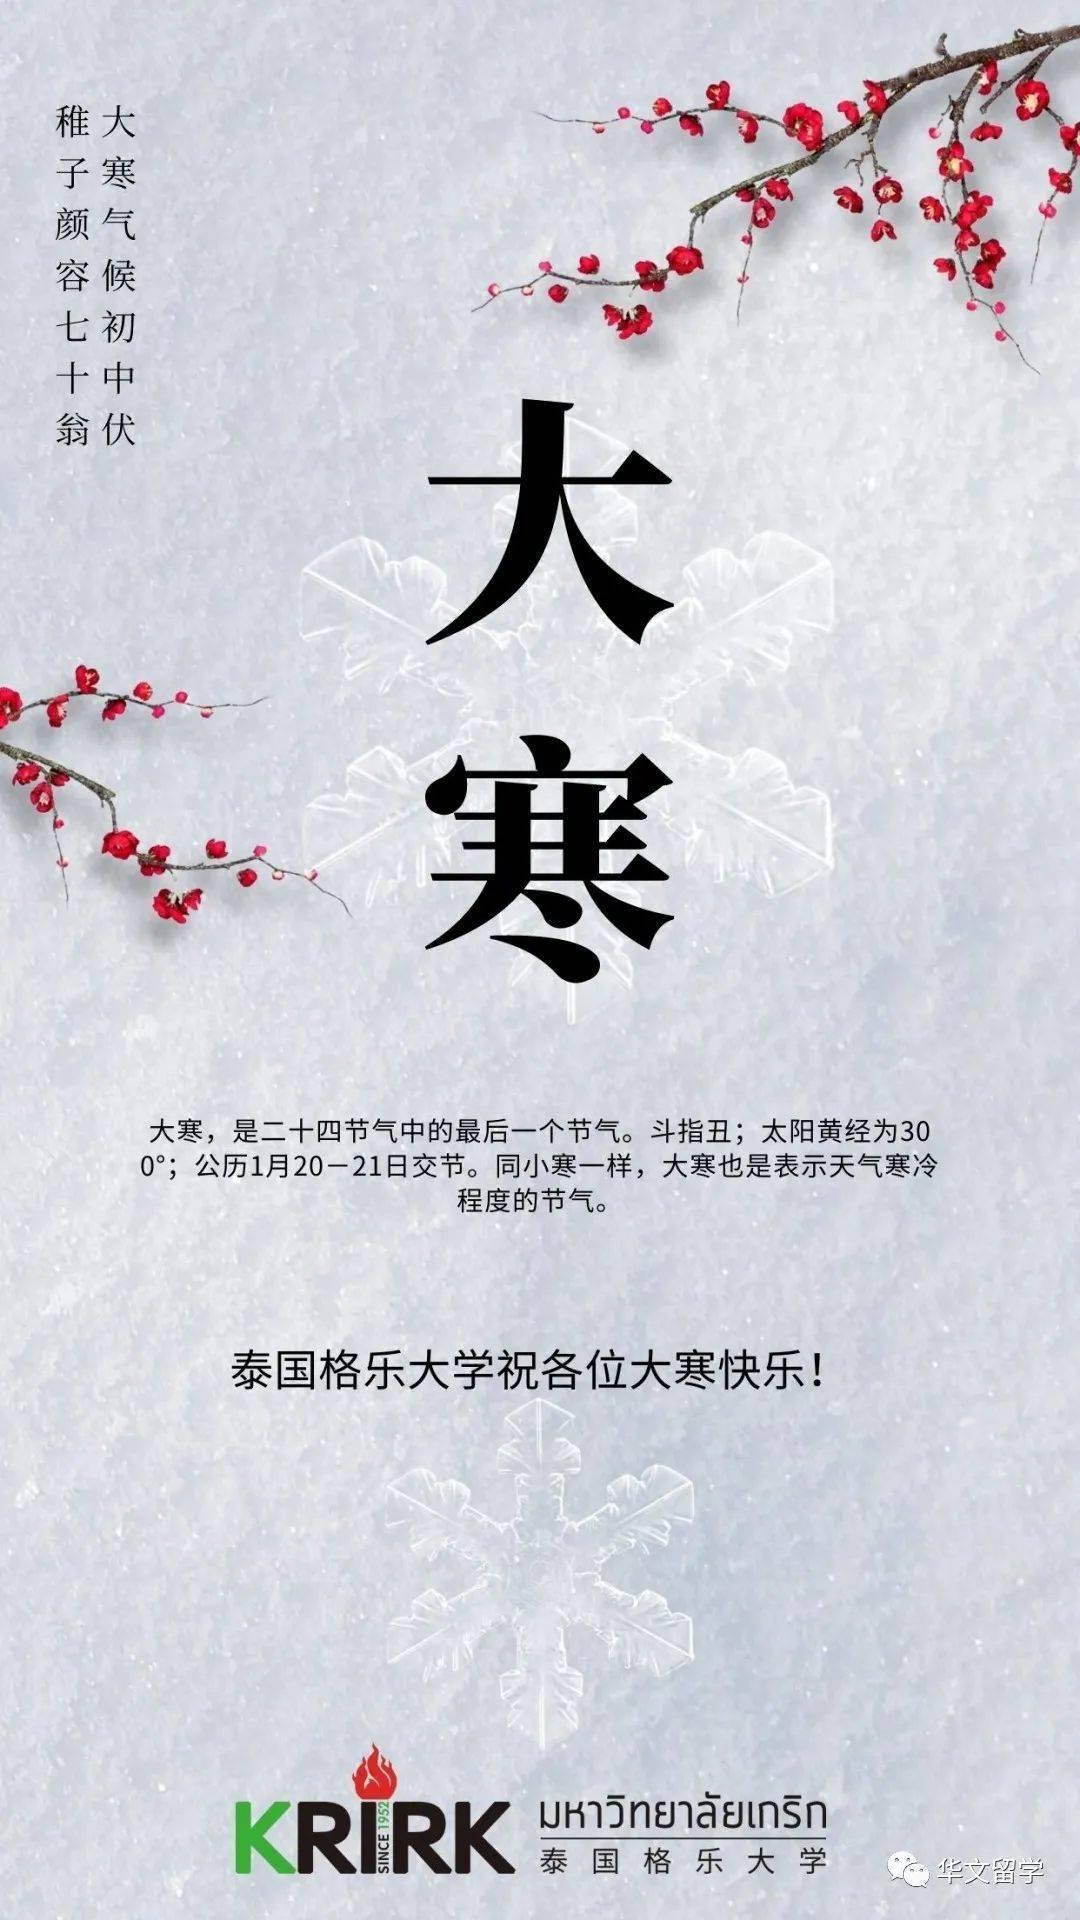 2020年表达大寒快乐的祝福语大集合44条 2021新年祝福语简短霸气